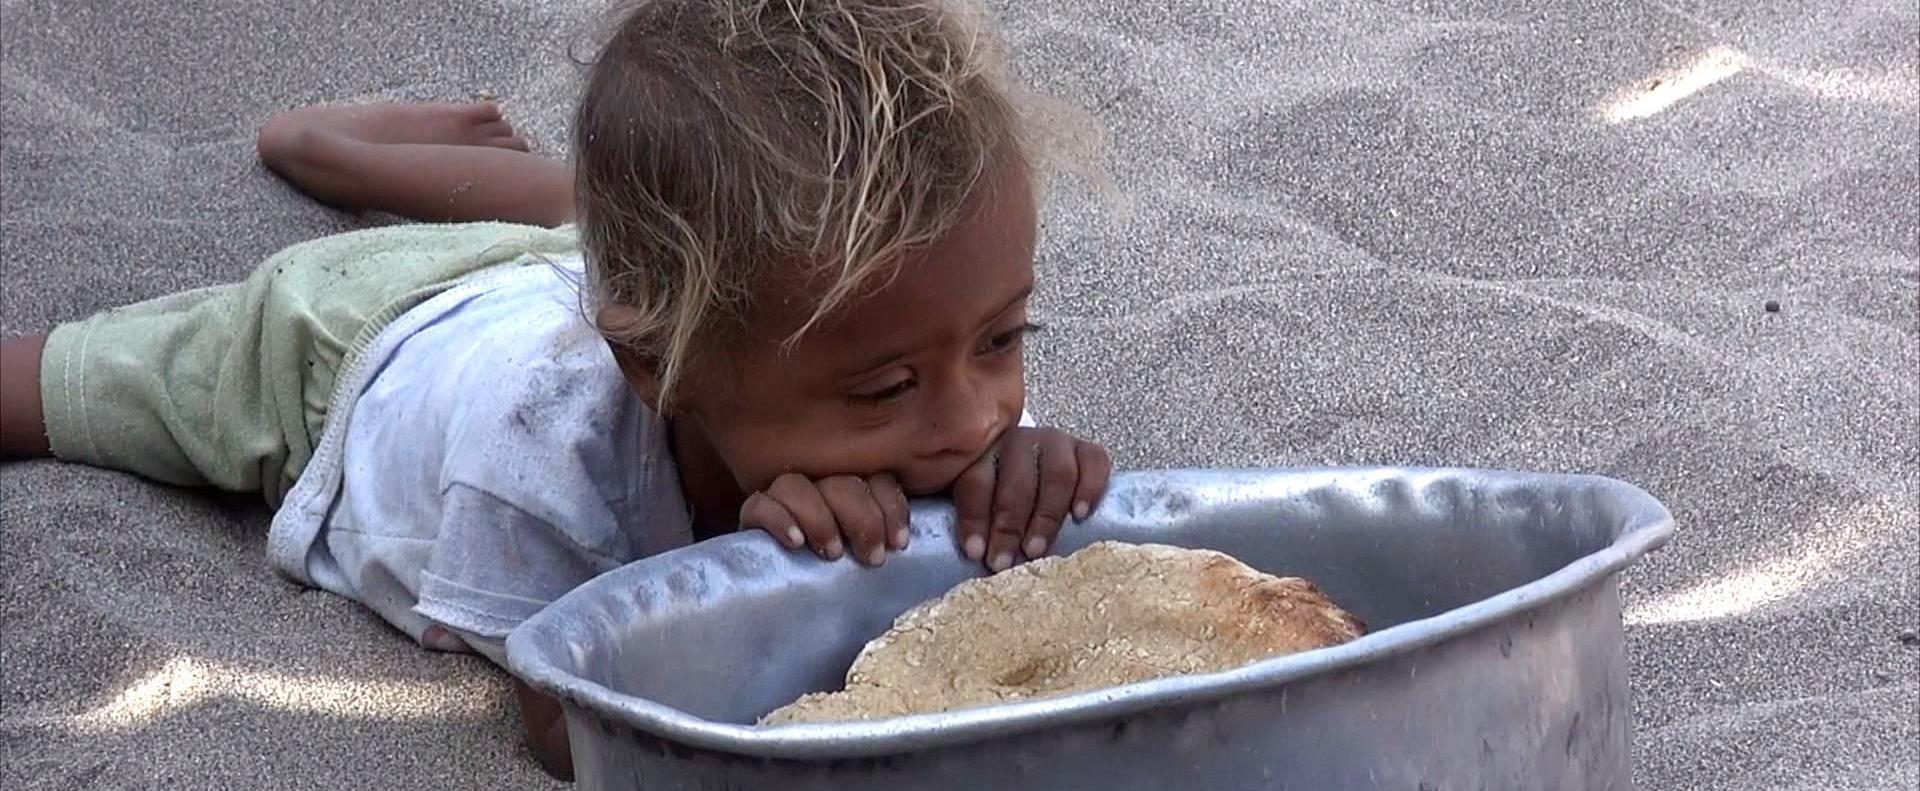 Голод детей в Йемене